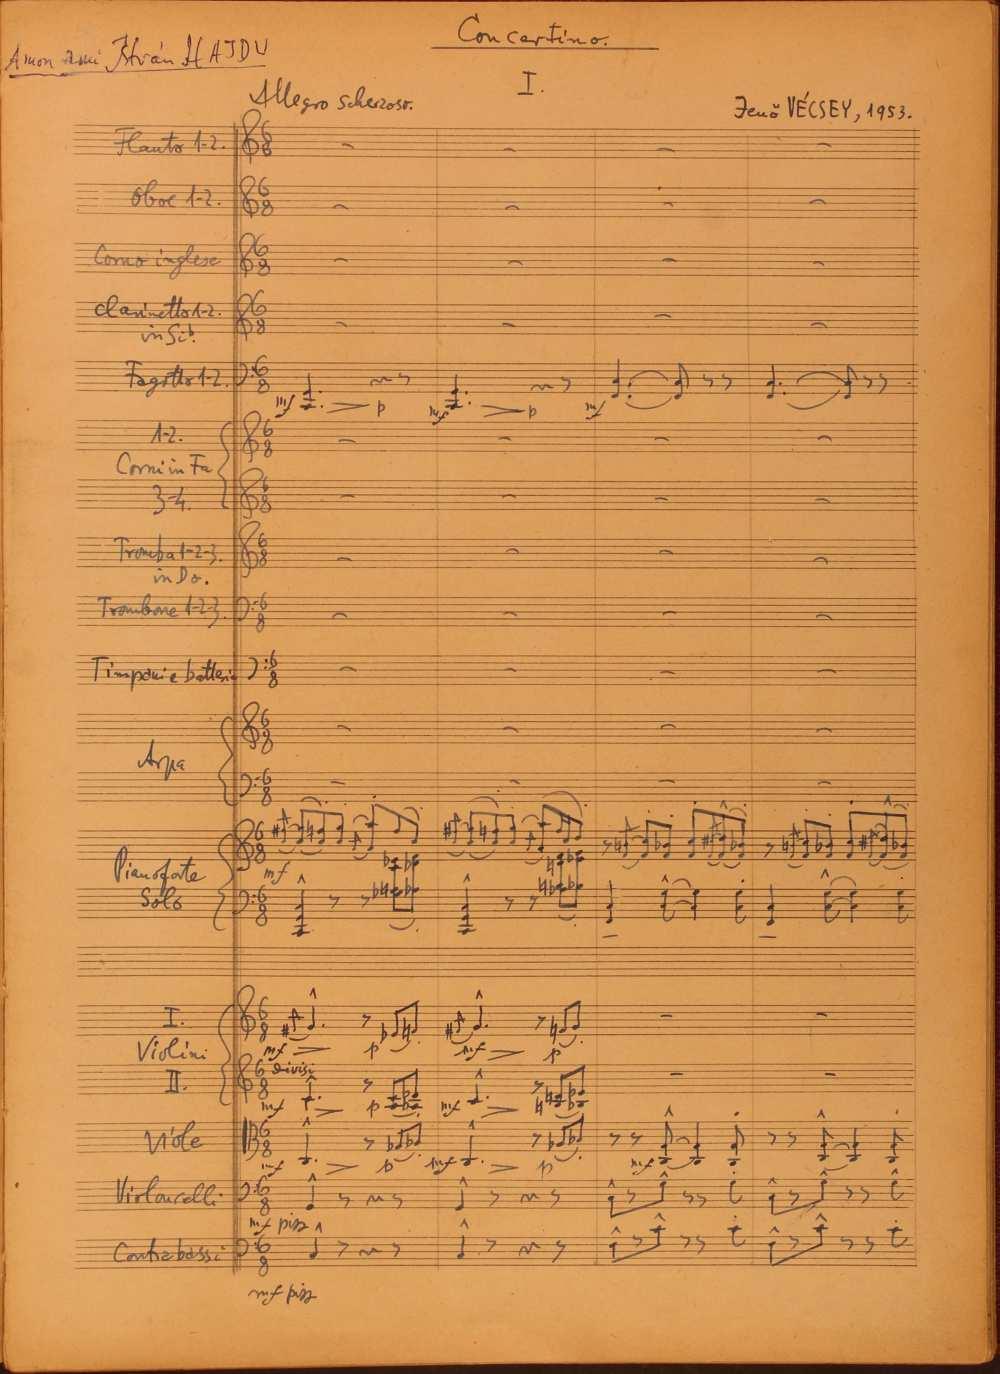 Vécsey Jenő: Concertino, zongorára és zenekarra. (1953-1956). Első tétel, Allegro scherzando. Szerzői autográf. Jelzet: Ms. Mus. 4.289. – Zeneműtár. A tétel meghallgatható: https://www.youtube.com/watch?v=z2HQDUTeAMk